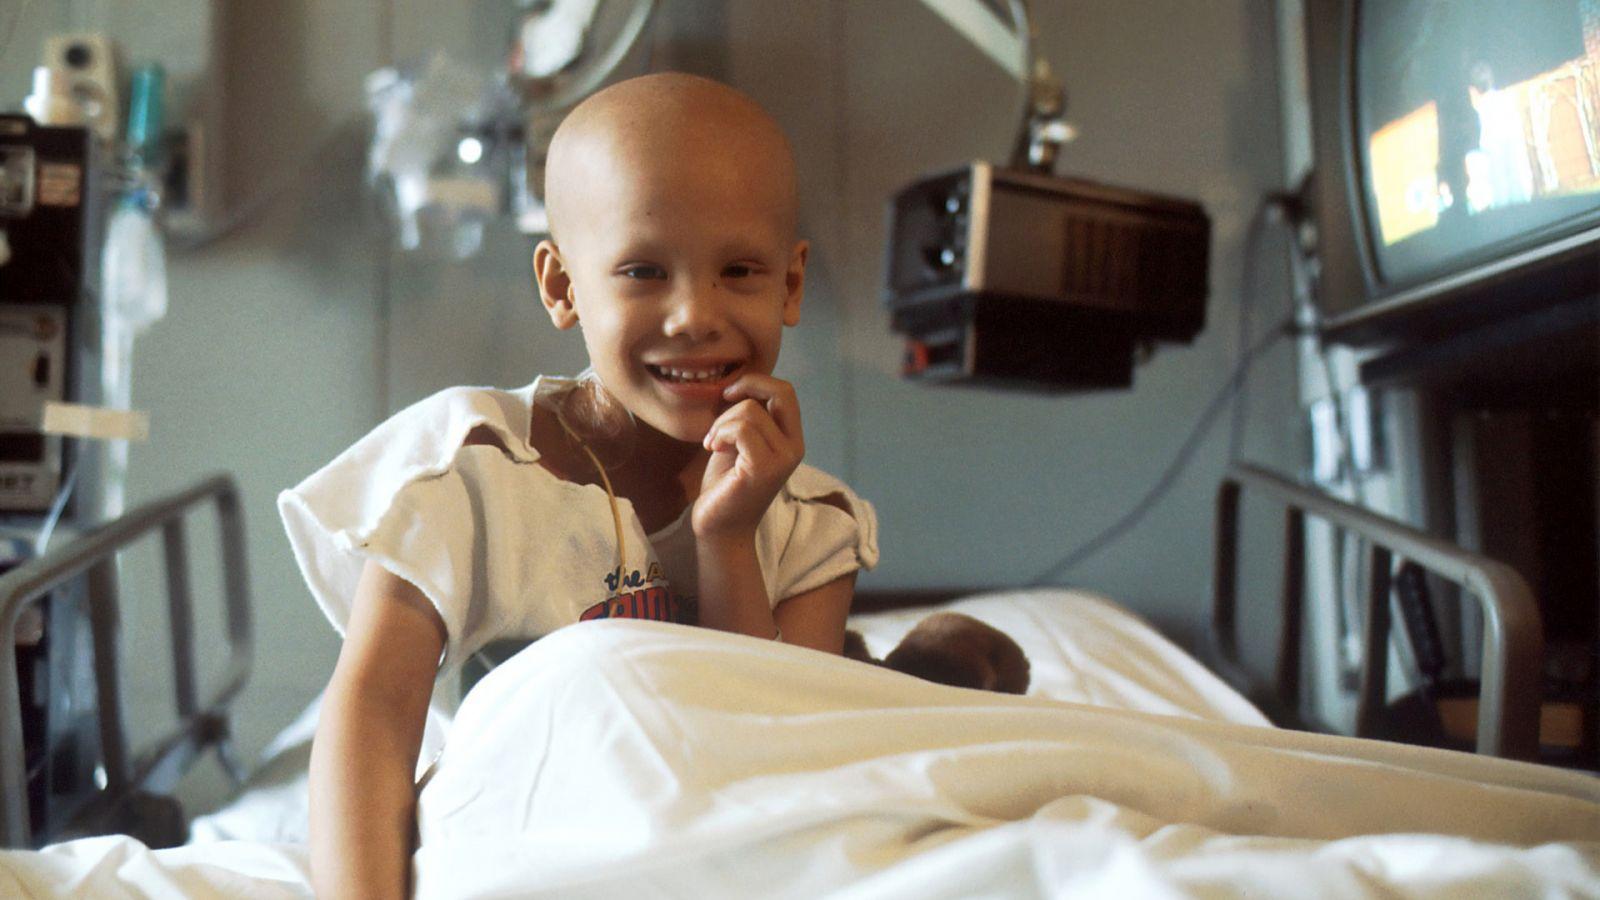 Παγκόσμια Ημέρα κατά του Παιδικού Καρκίνου: Είμαστε κοντά στους μικρούς μας ήρωες